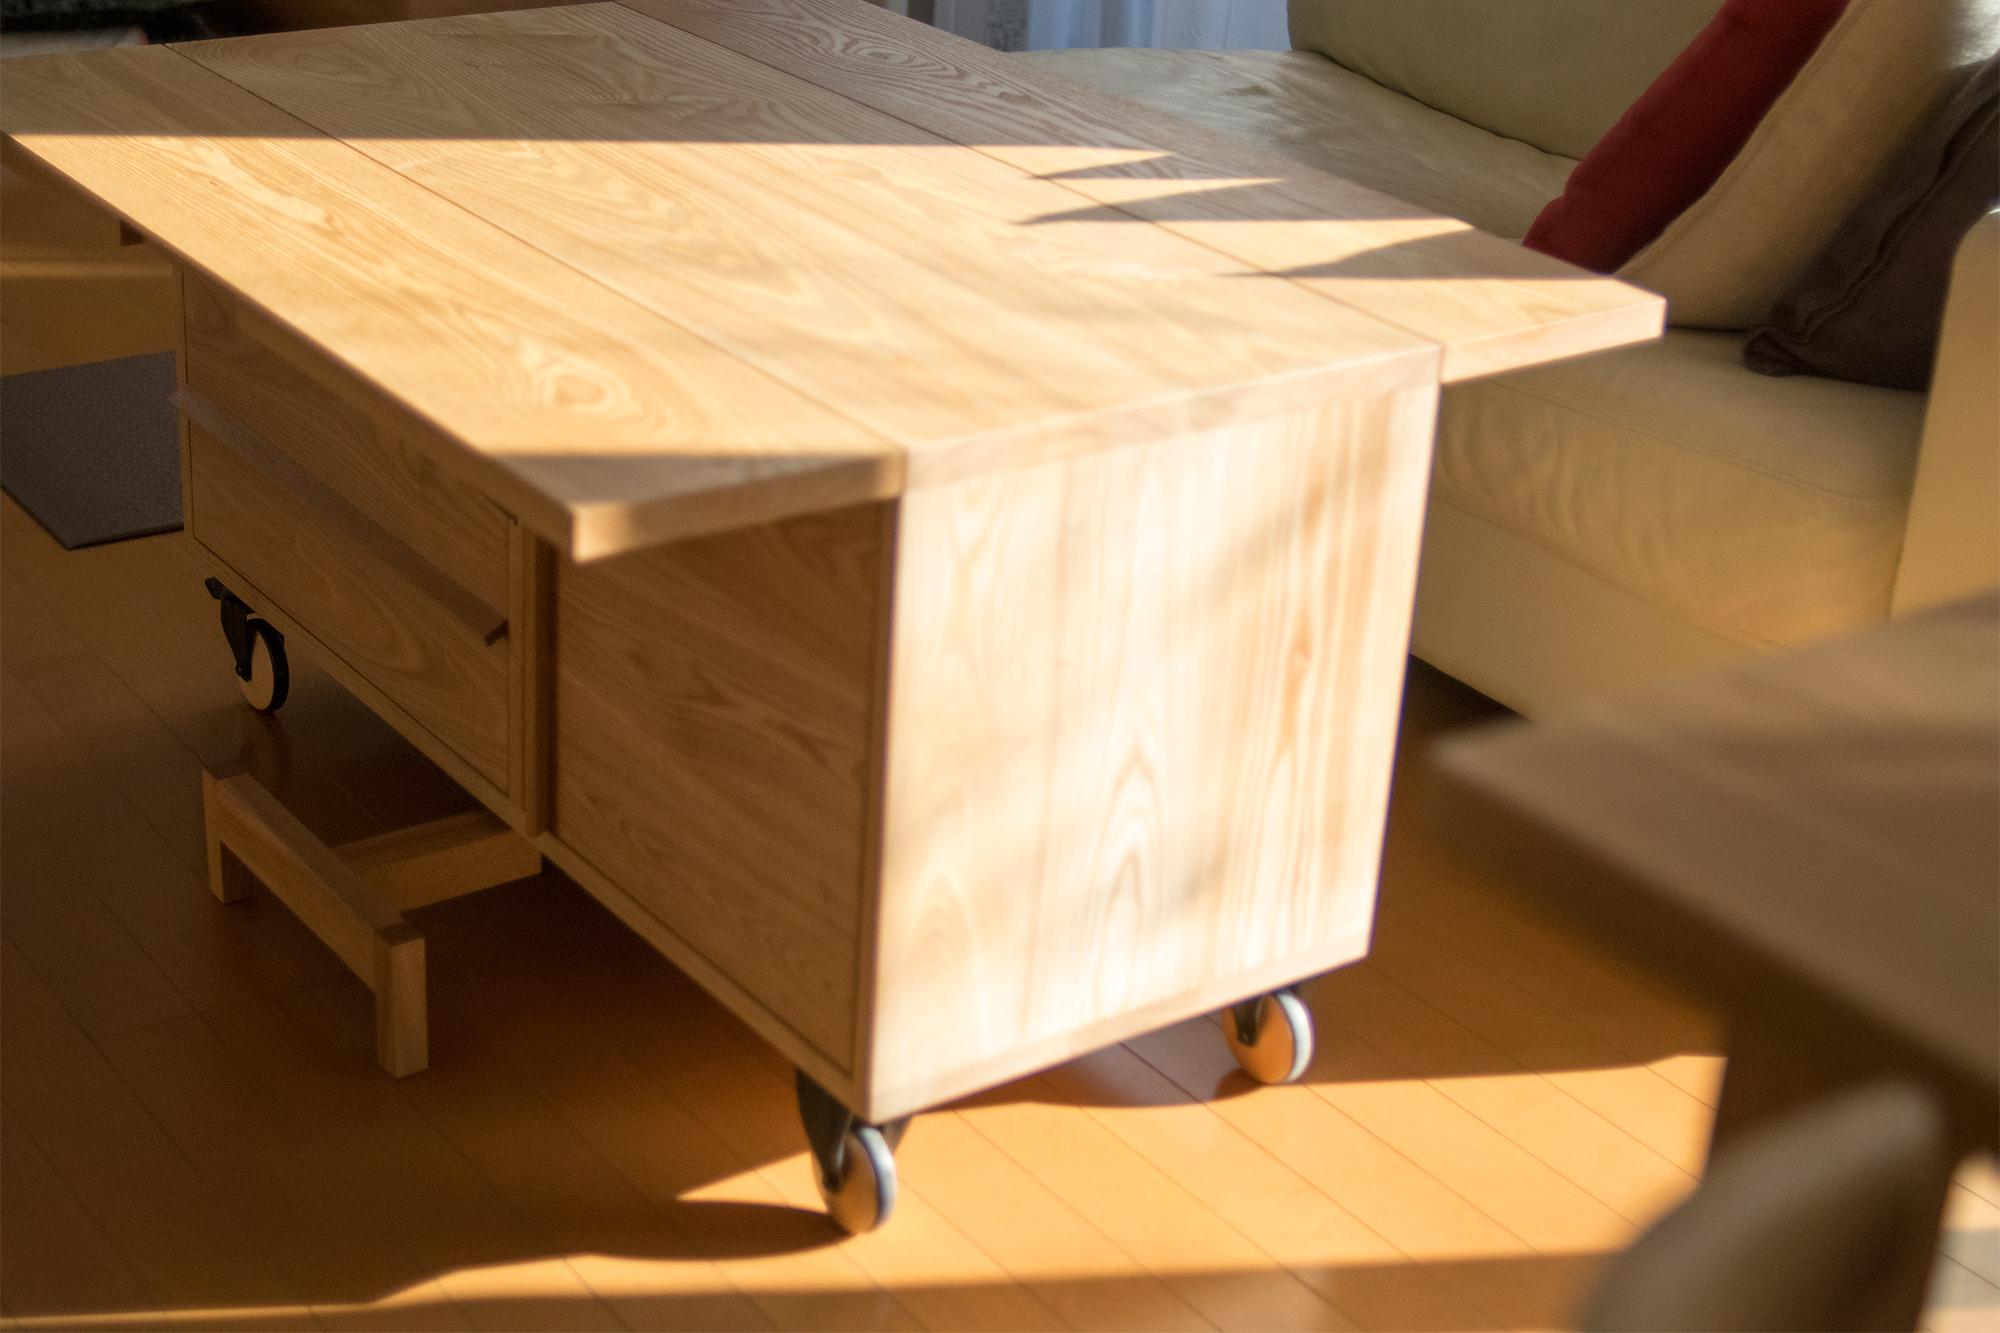 スタンダードテーブルと、バタフライ式天板を備えたTANAワゴン収納